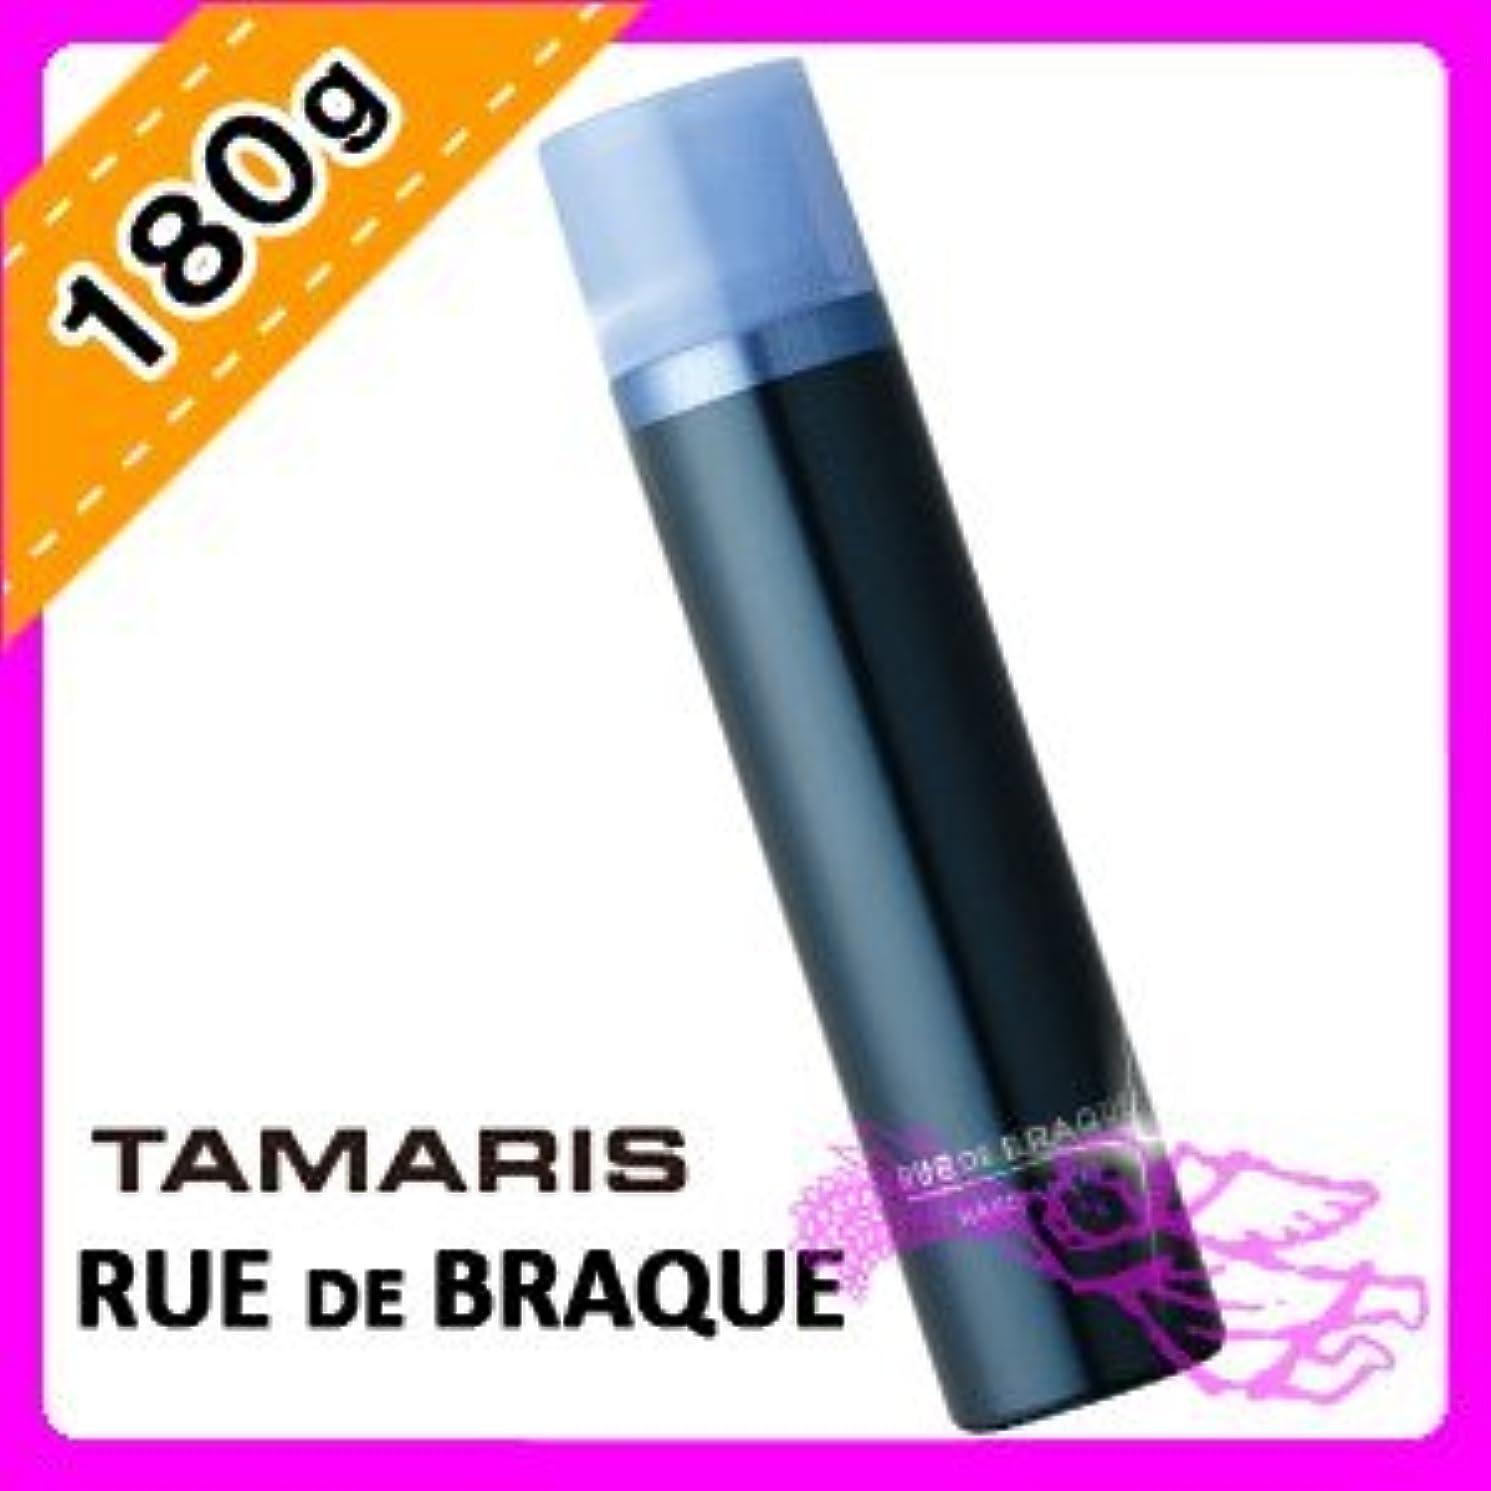 失業者ズームシリングタマリス ルードブラック ハードスプレー 180g TAMARIS RUE DE BRAQUE